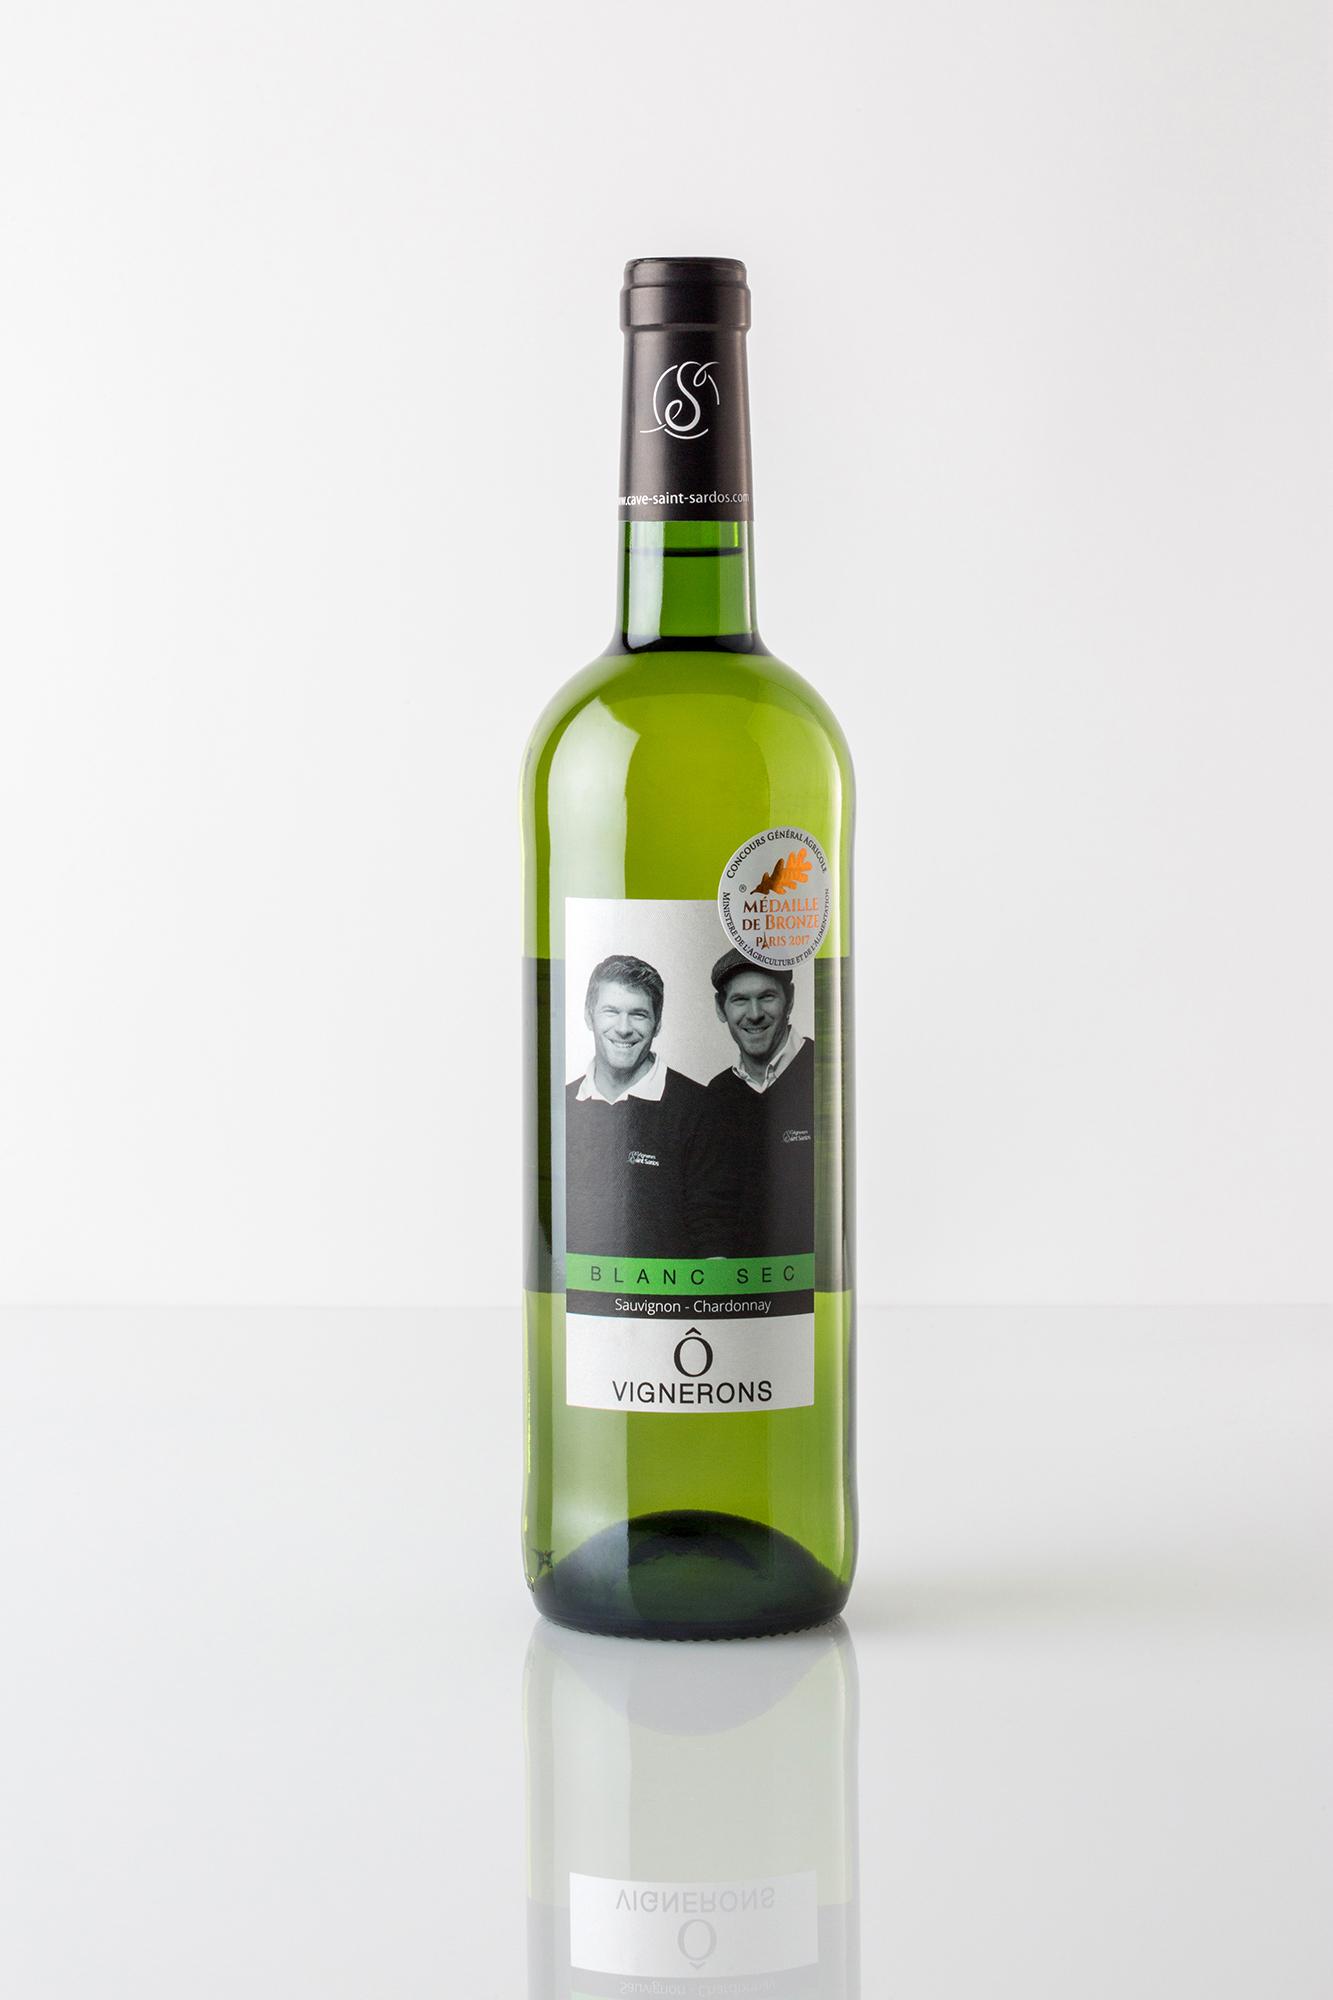 Bouteille de vin blanc sur fond blanc avec une étiquette montrant les vignerons